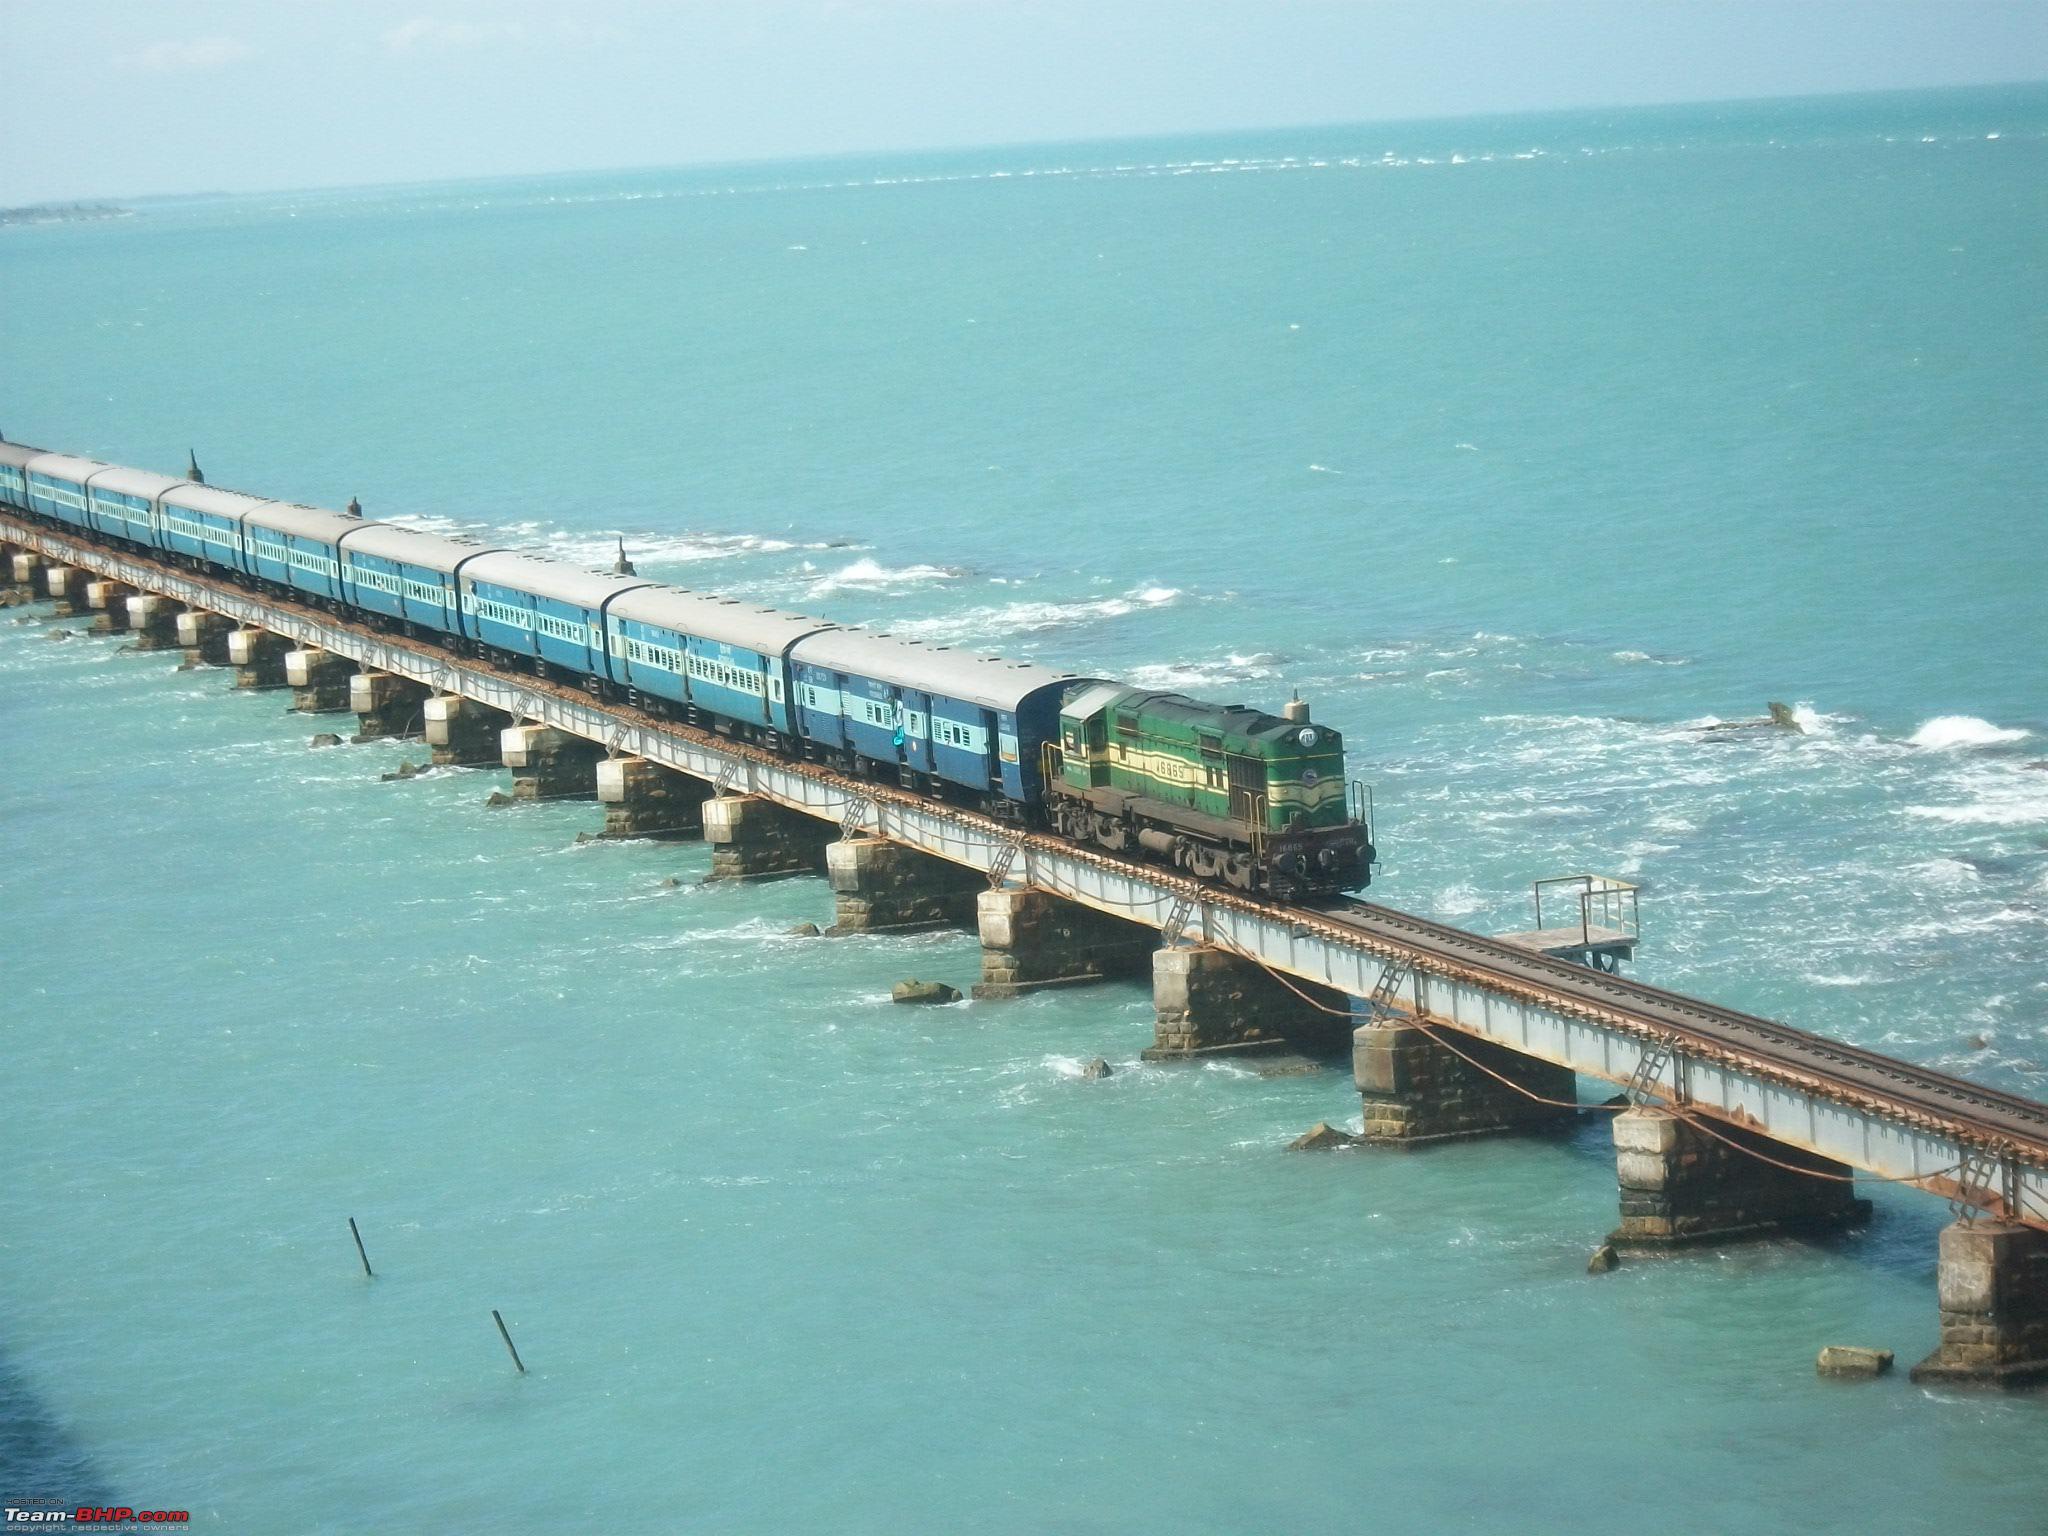 tamil nadu Quốc gia ấn độ thành lập: 26 tháng 1 năm 1950 †: thủ phủ: chennai: huyện: 32: chính quyền • thành phần: chính phủ tamil nadu • thống đốc c vidyasagar rao.